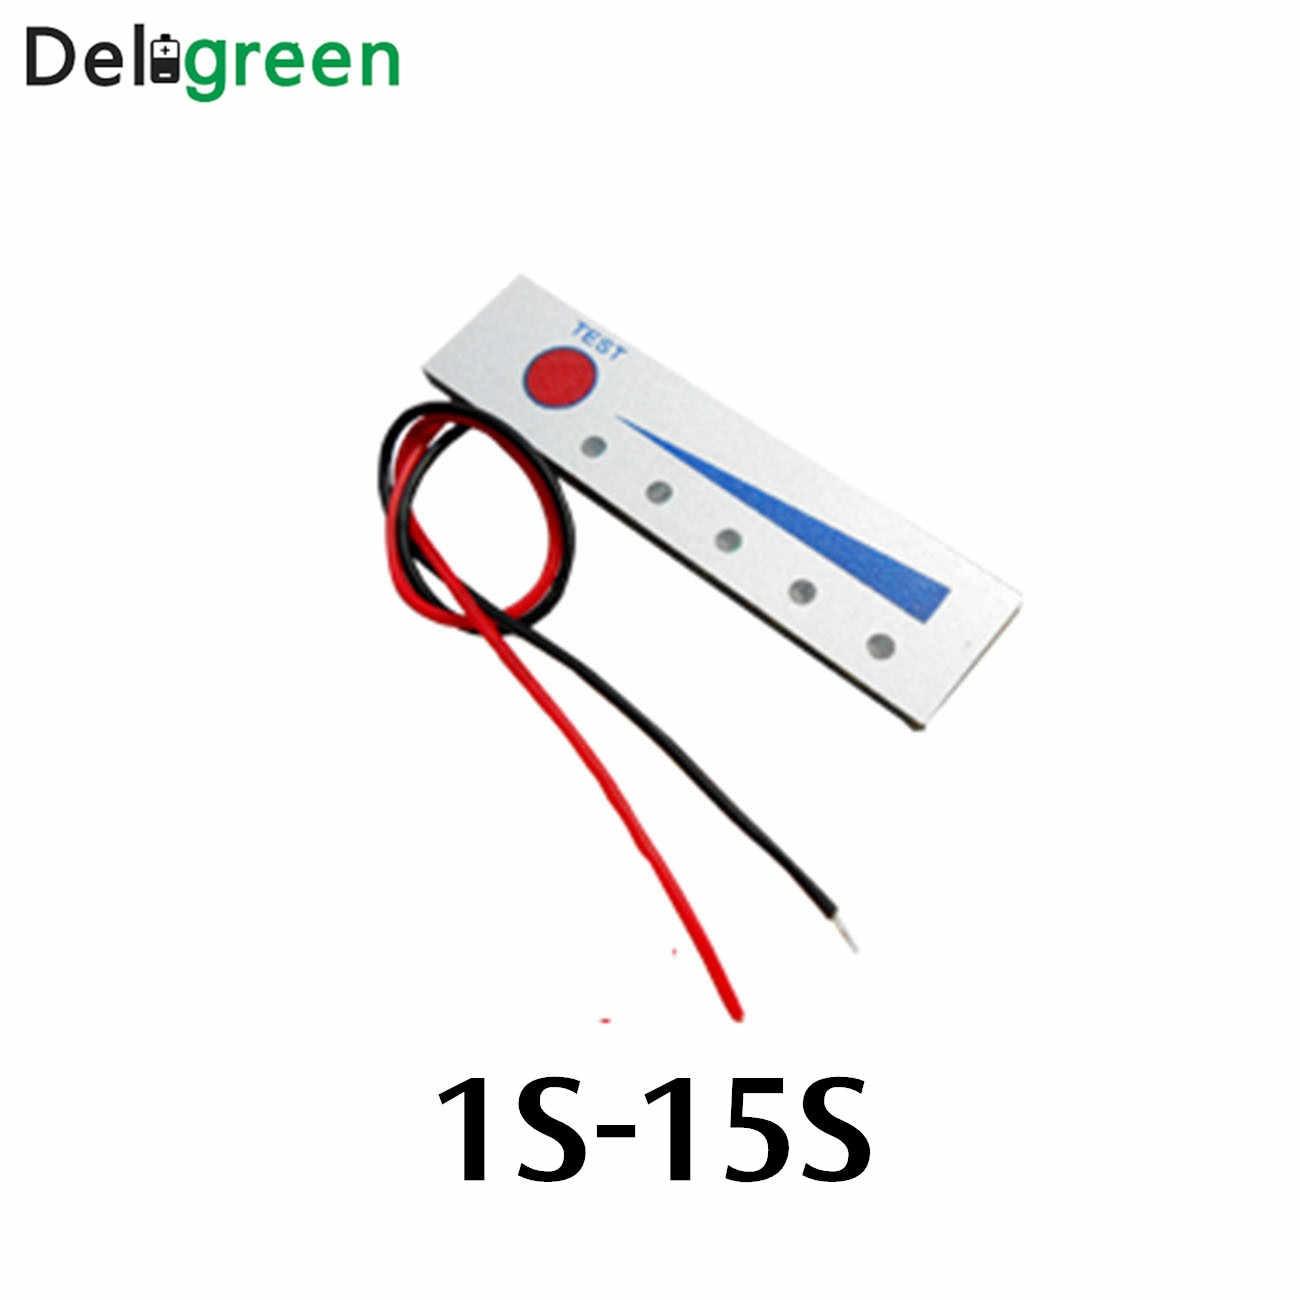 リチウム電池レベル 1 s-15 s インジケータテスター lcd ディスプレイ 18650 リポリチウムイオンバッテリーメーターモジュール